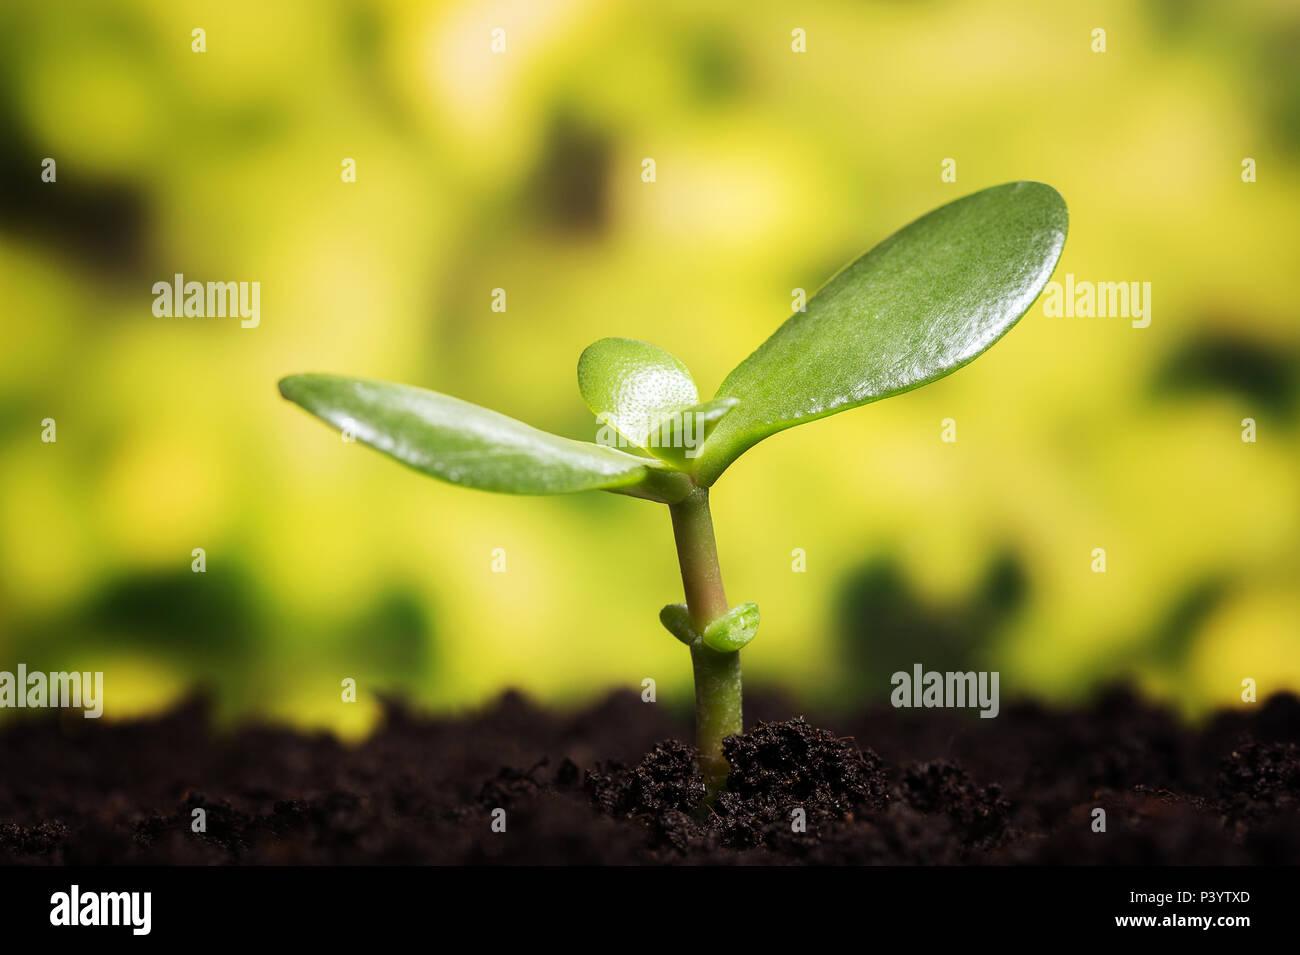 Symbole de la croissance. Petite plante qui pousse jusqu'à partir de la terre avec un arrière-plan copy space Banque D'Images